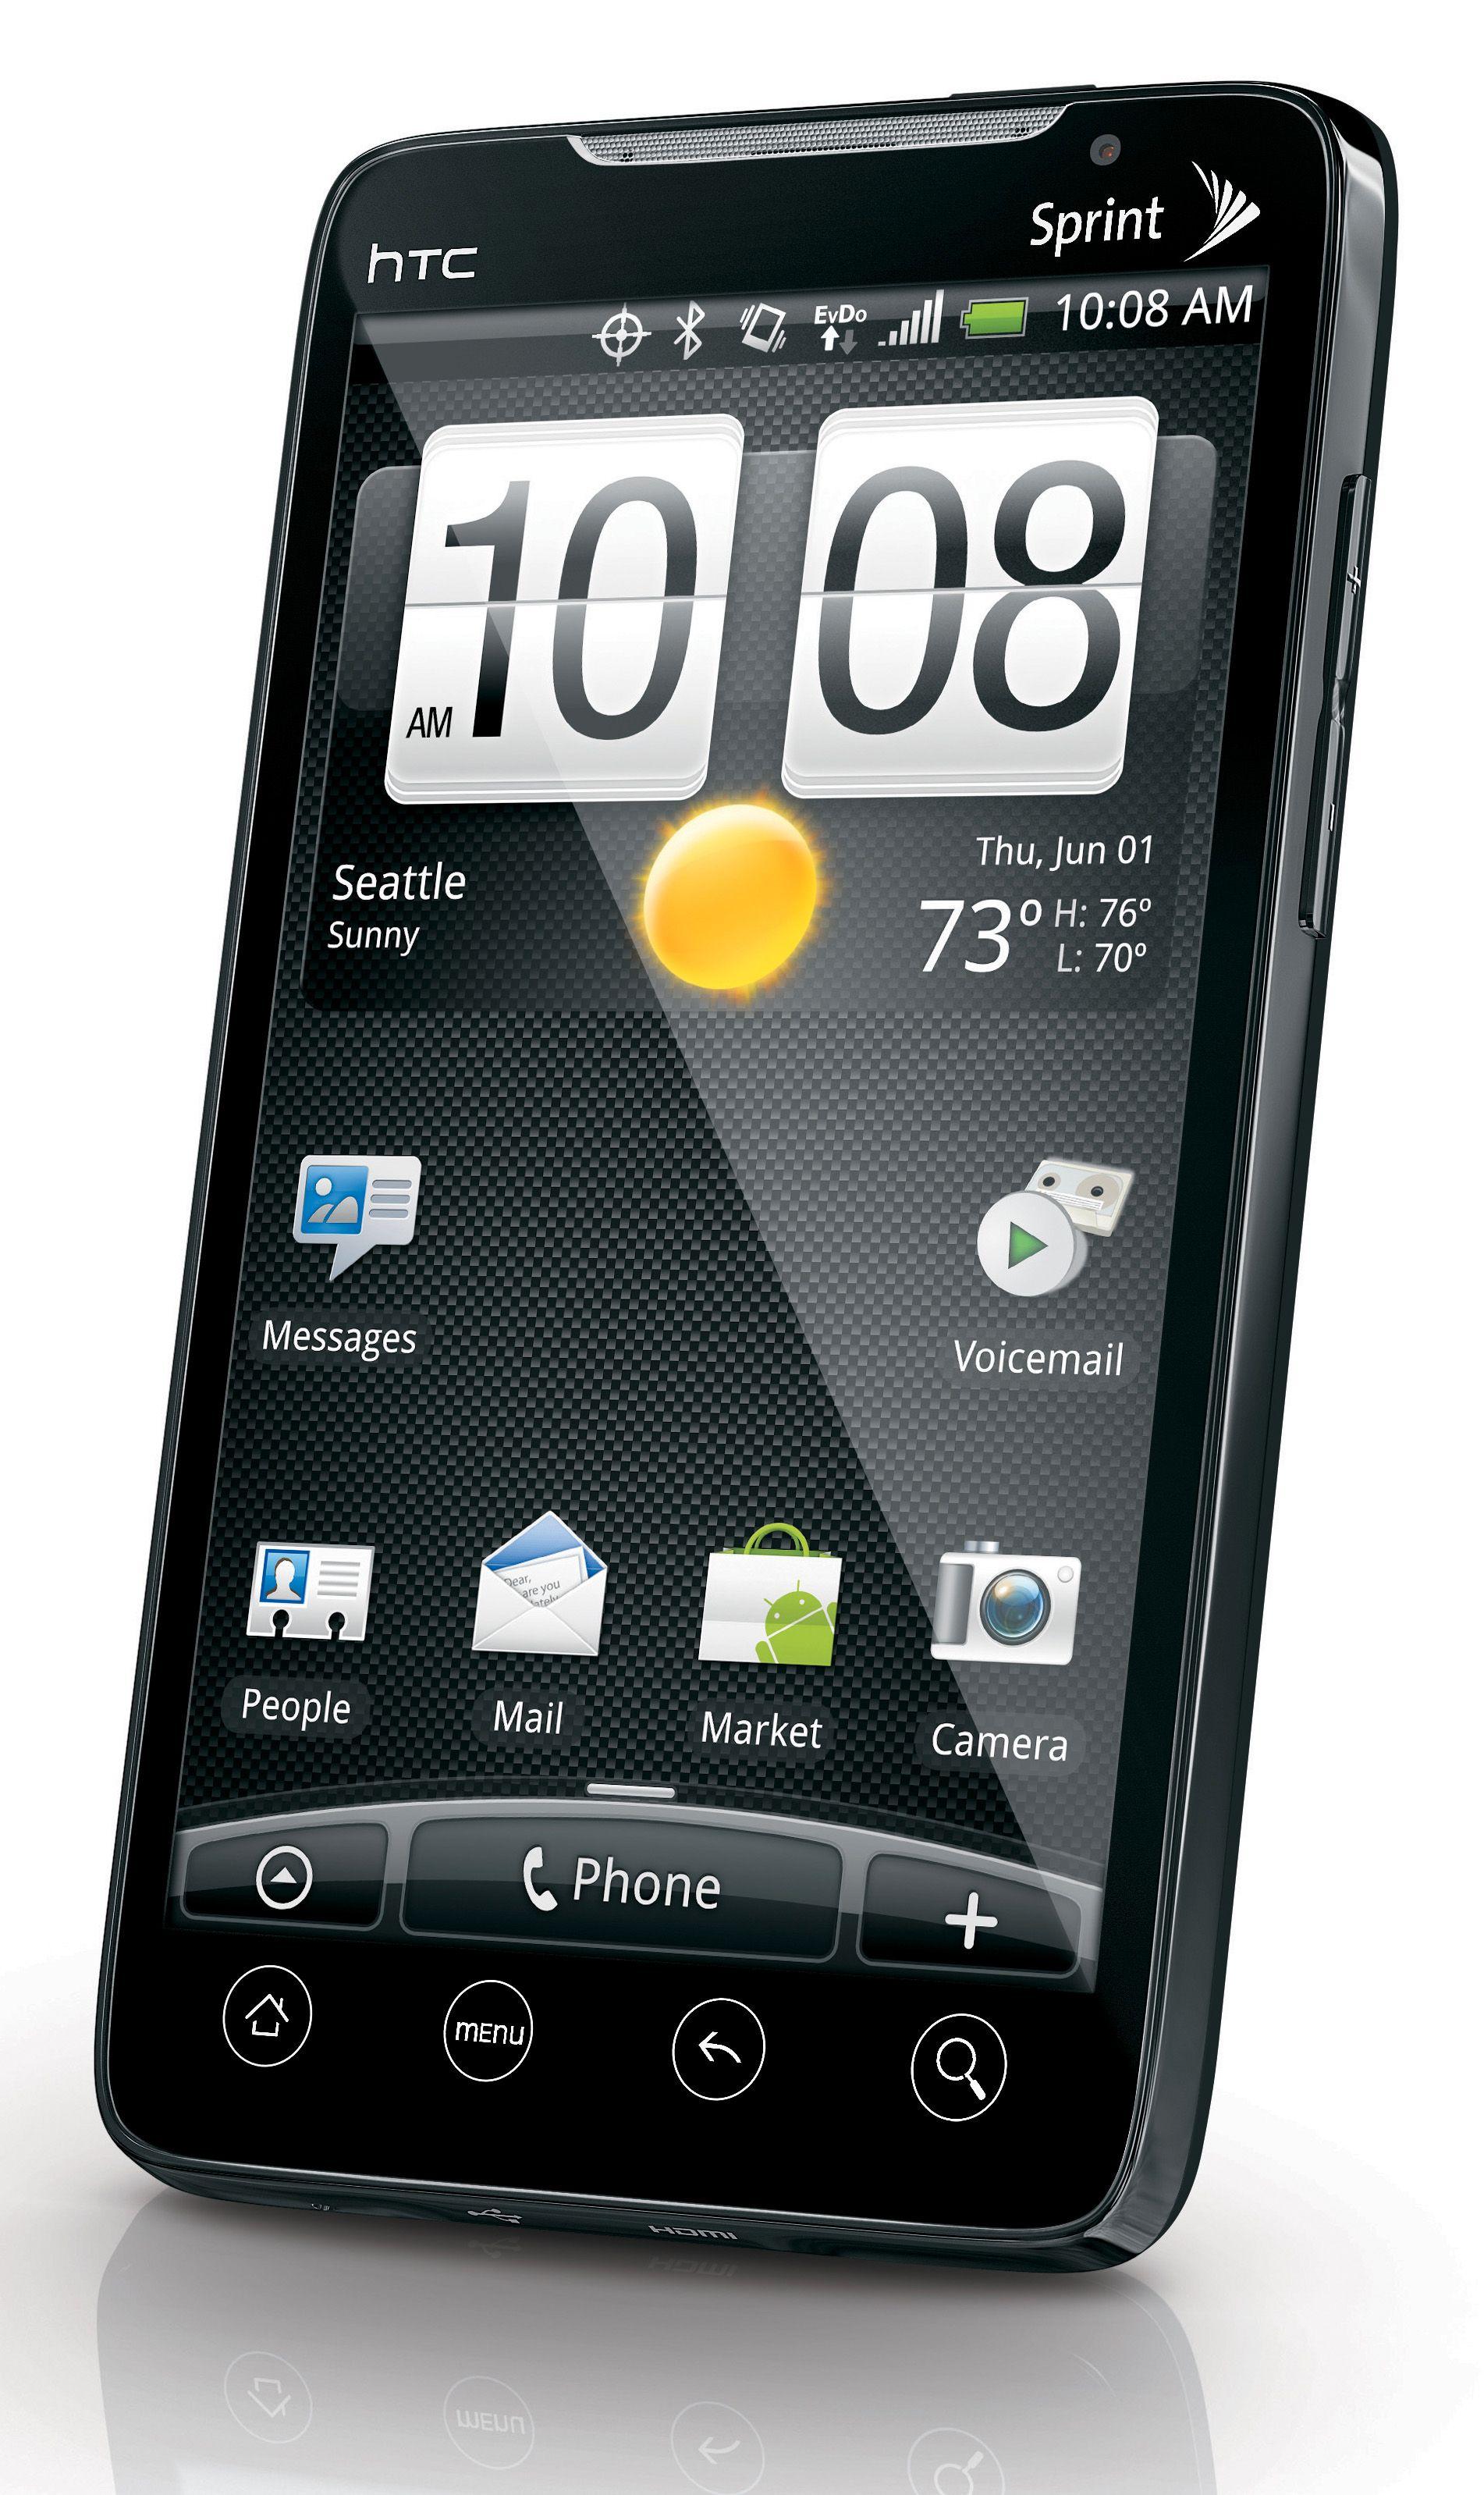 Slik ser HTC Evo 4G ut. Det er usikkert hvordan den vil se ut etter en eventuell forvandling til Desire HD for salg i Europa.